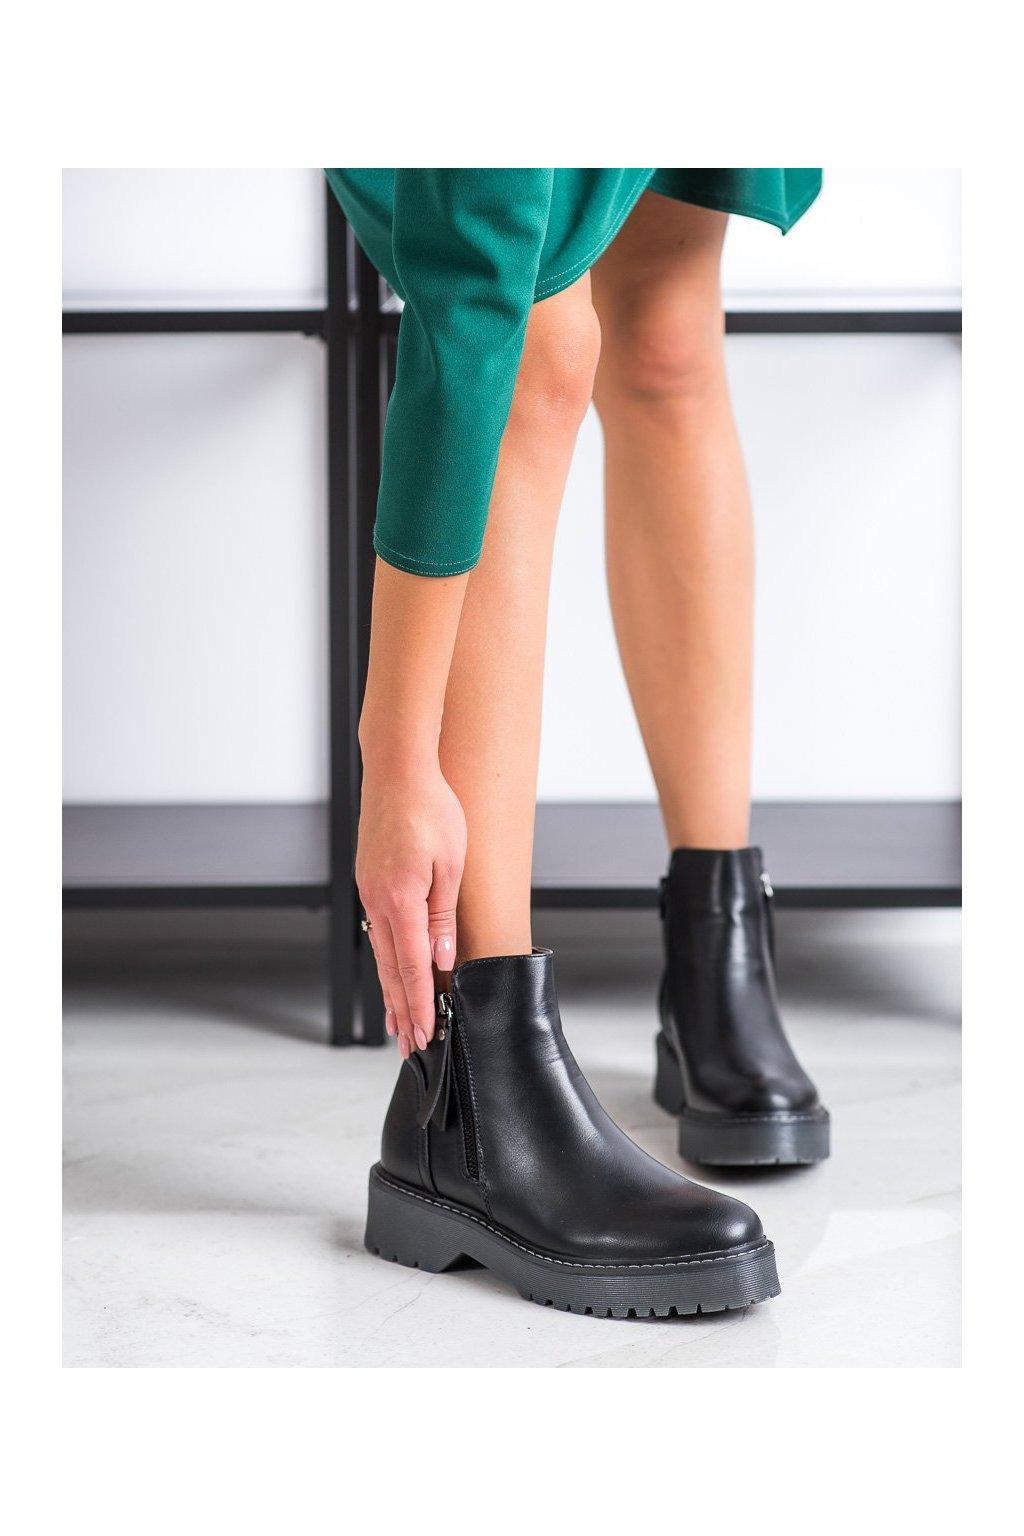 Čierne dámske topánky J. star kod 20Y8138B